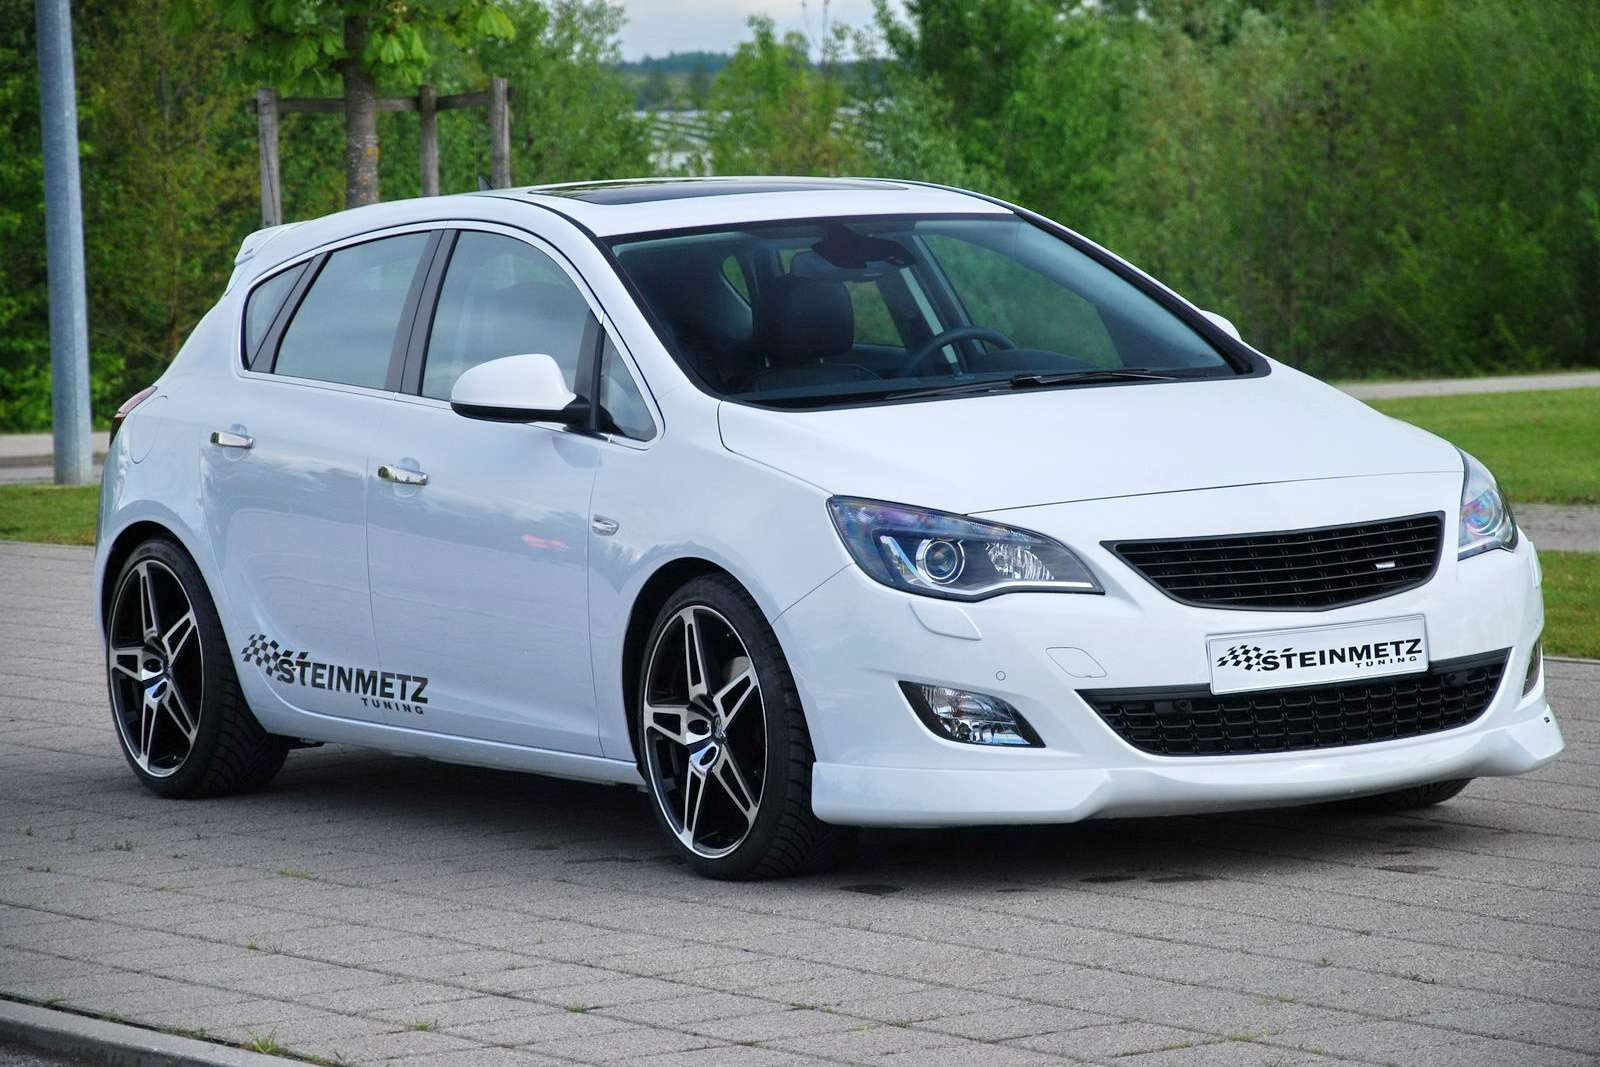 Opel Astra 2010 Steinmetz maj 2010